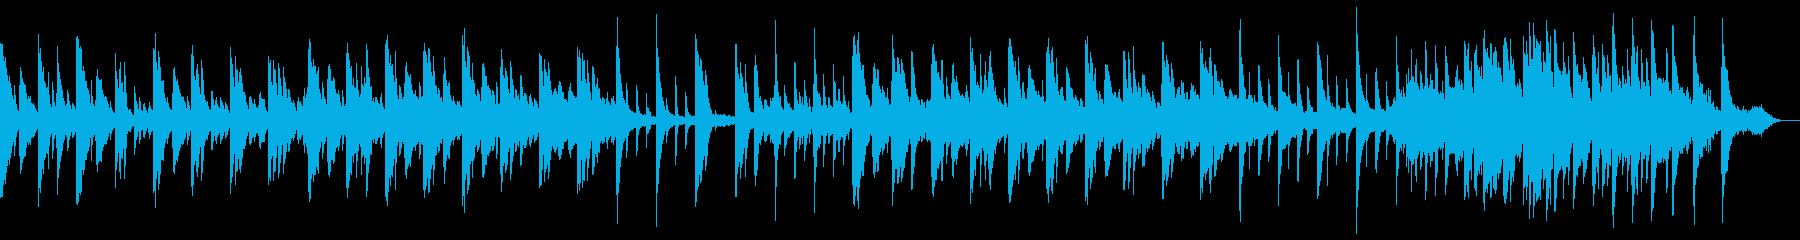 ピアノの美しい旋律のリラクゼーション楽曲の再生済みの波形